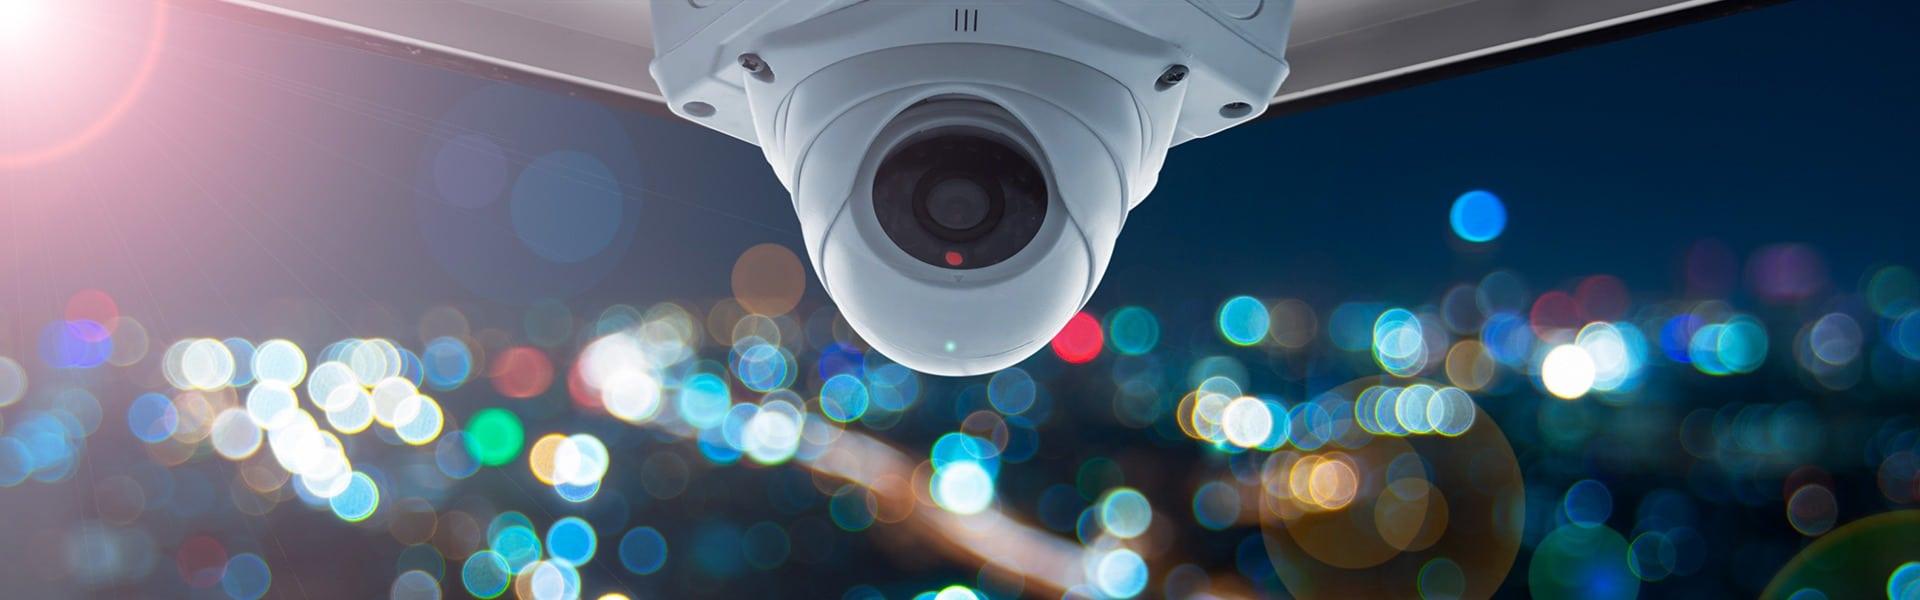 Gece Görüş Kamerası